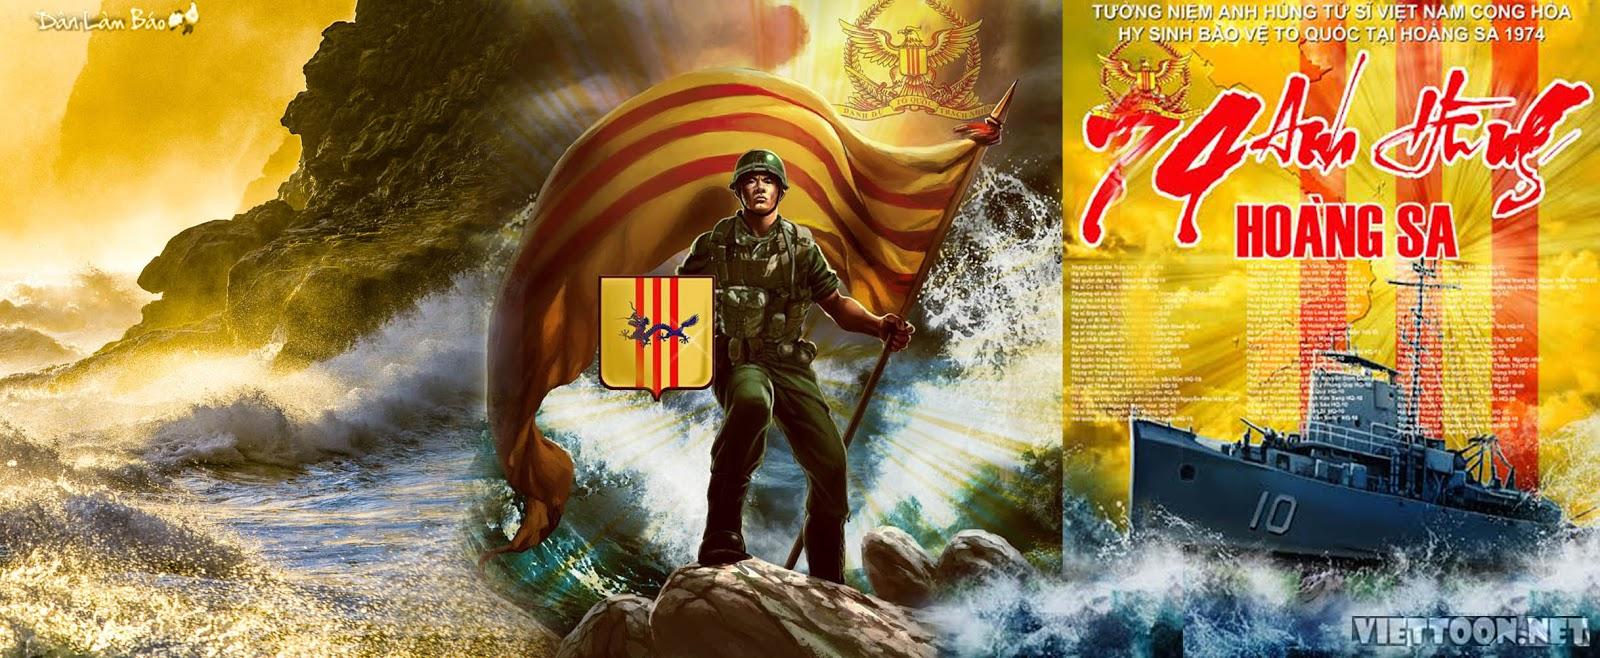 Cuộc hải chiến chống ngoại xâm (19-01-1974)